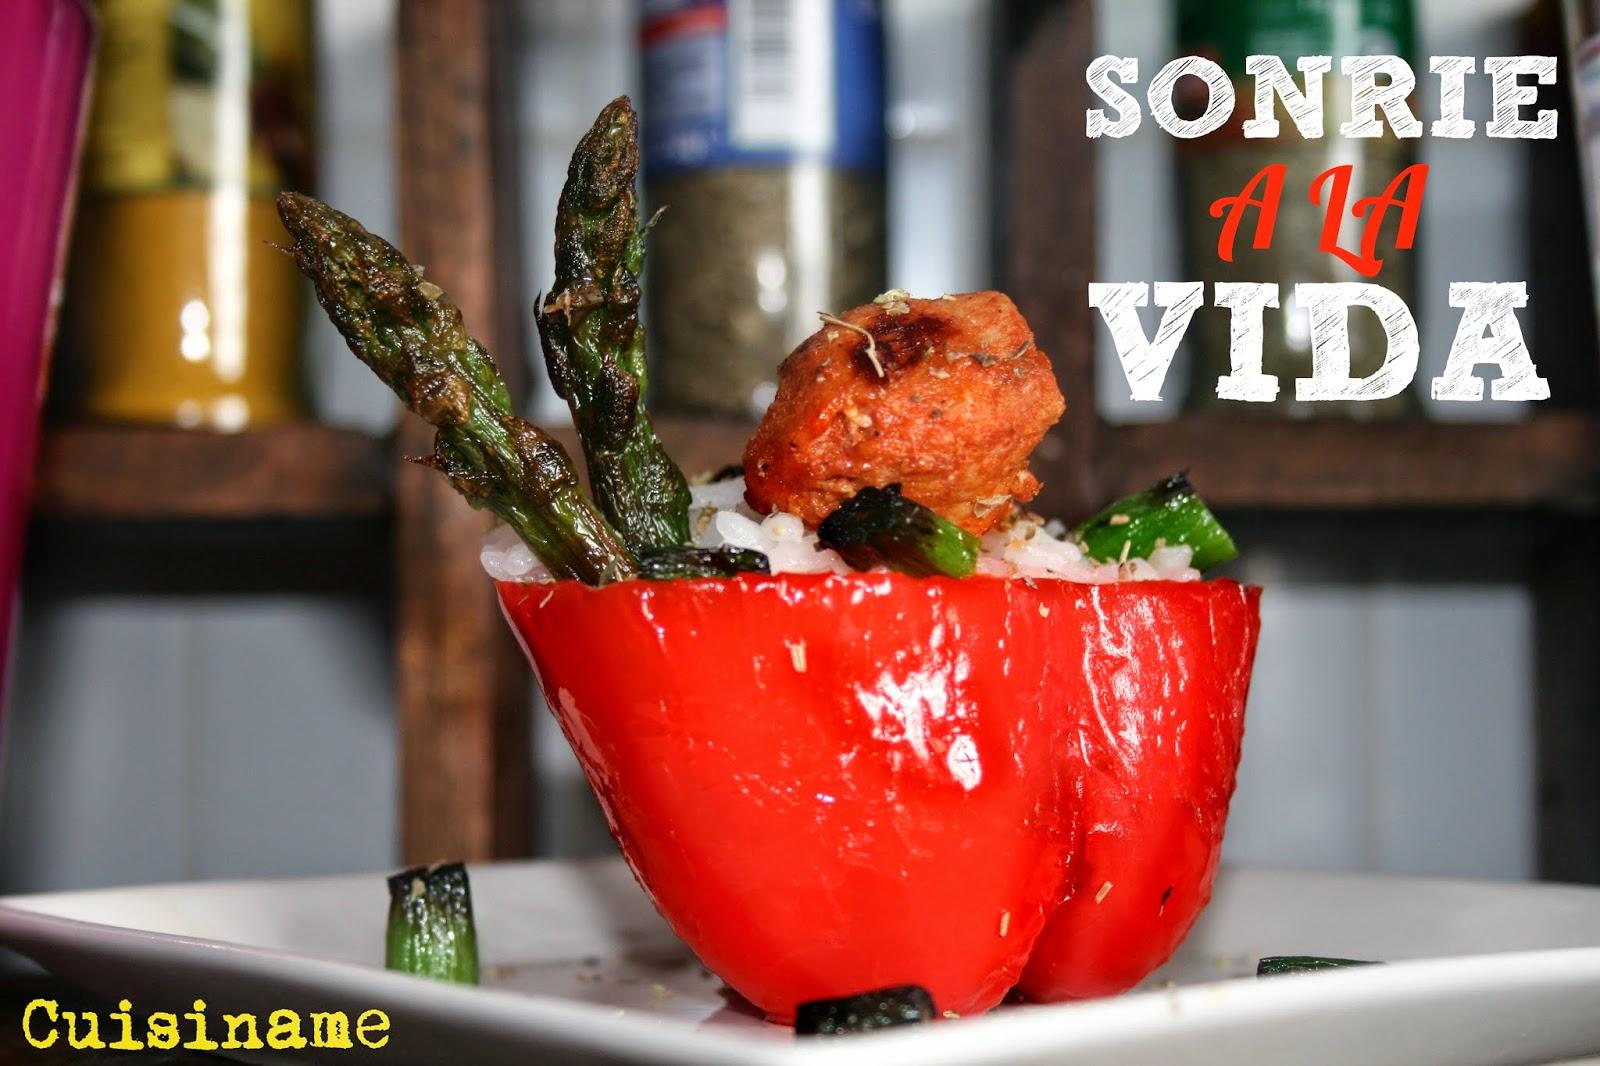 arroz con carne, recetas con arroz, recetas con carne, recetas originales, recetas fáciles, carne, arroz,